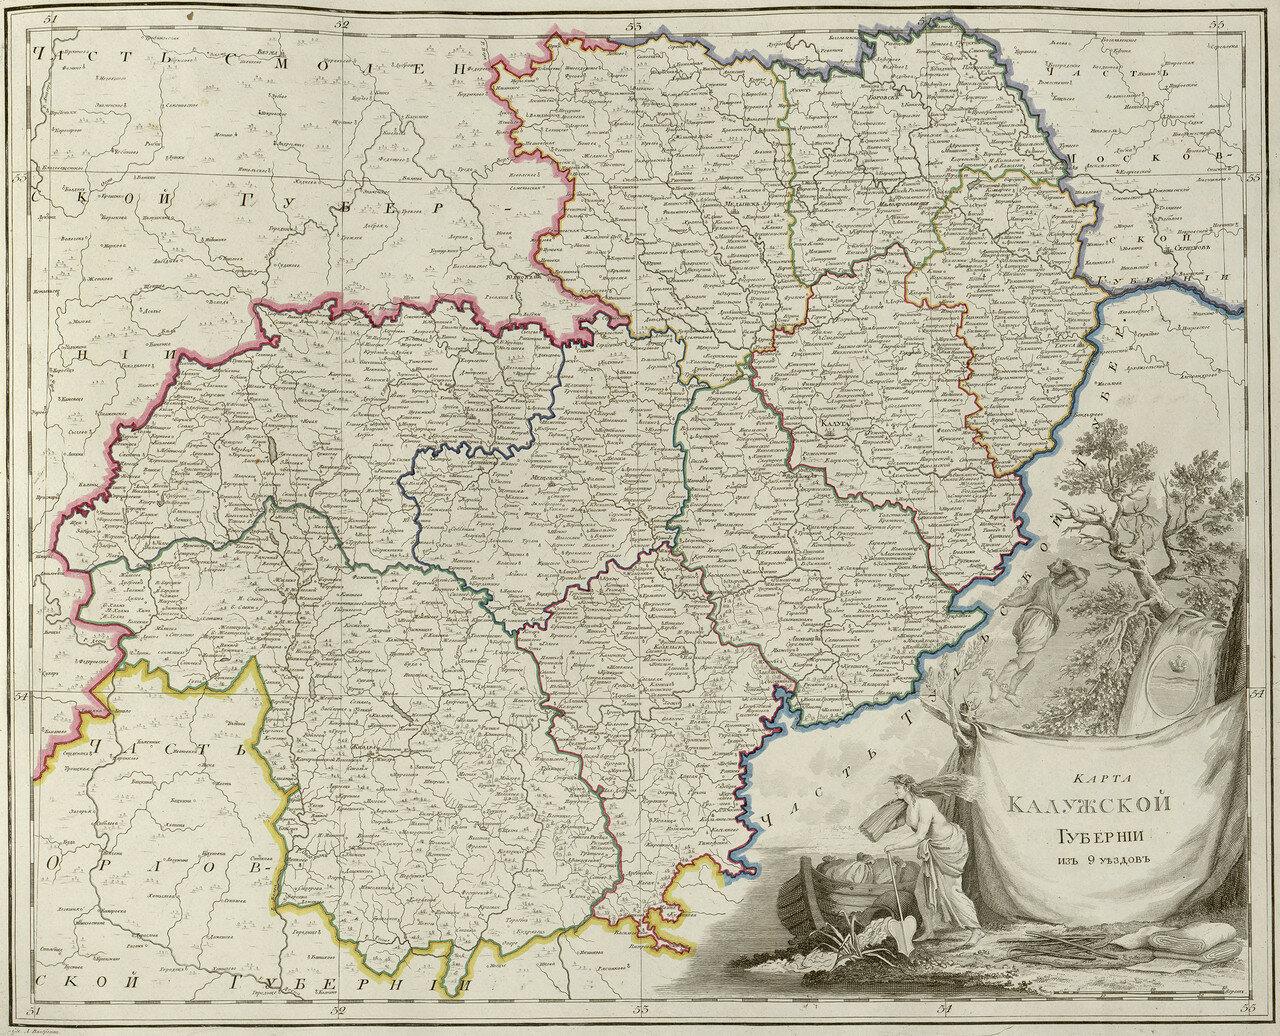 23. Карта Калужской губернии